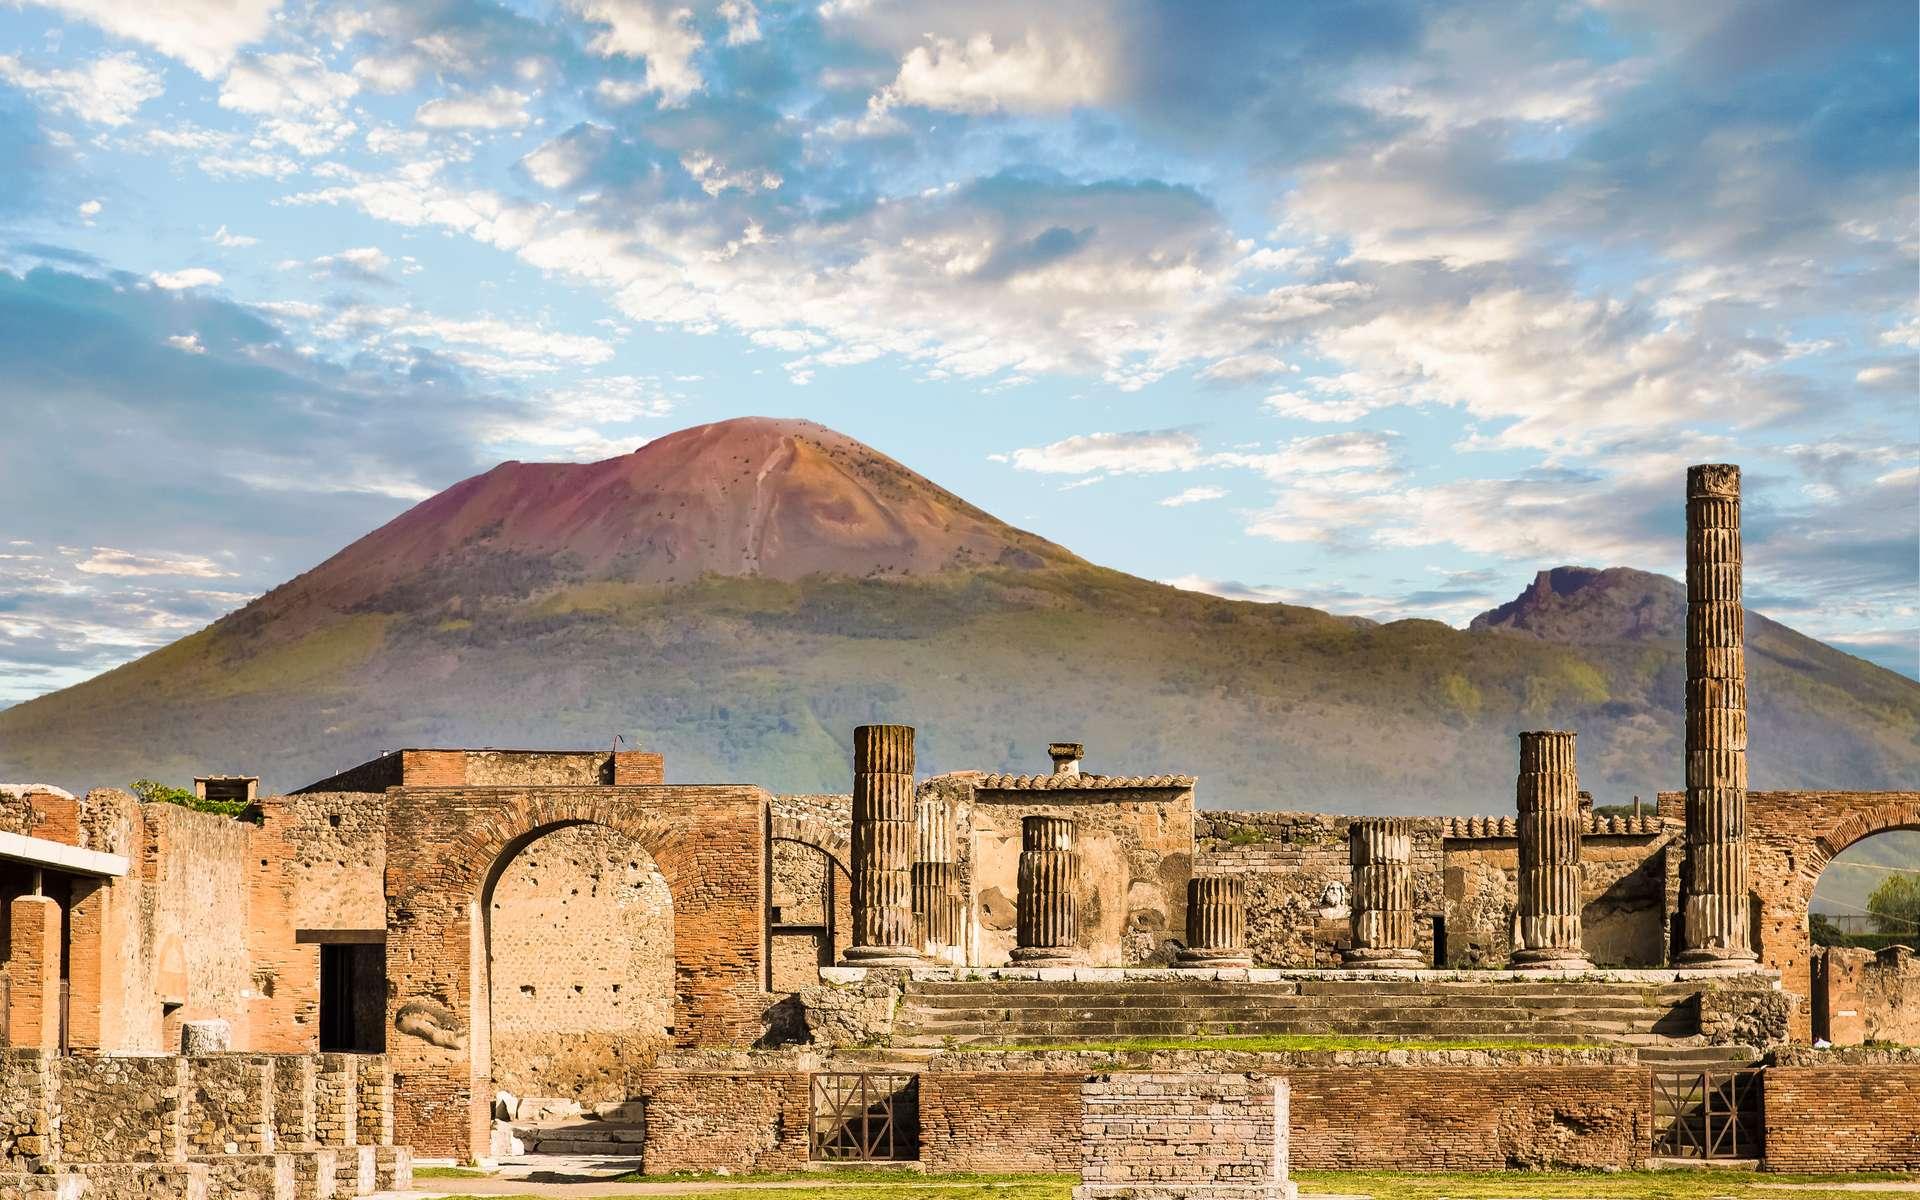 Photographie des ruines de Pompéi devant le Vésuve, dont l'éruption a détruit la ville en 79 après J.-C. © dbvirago, Adobe Stock